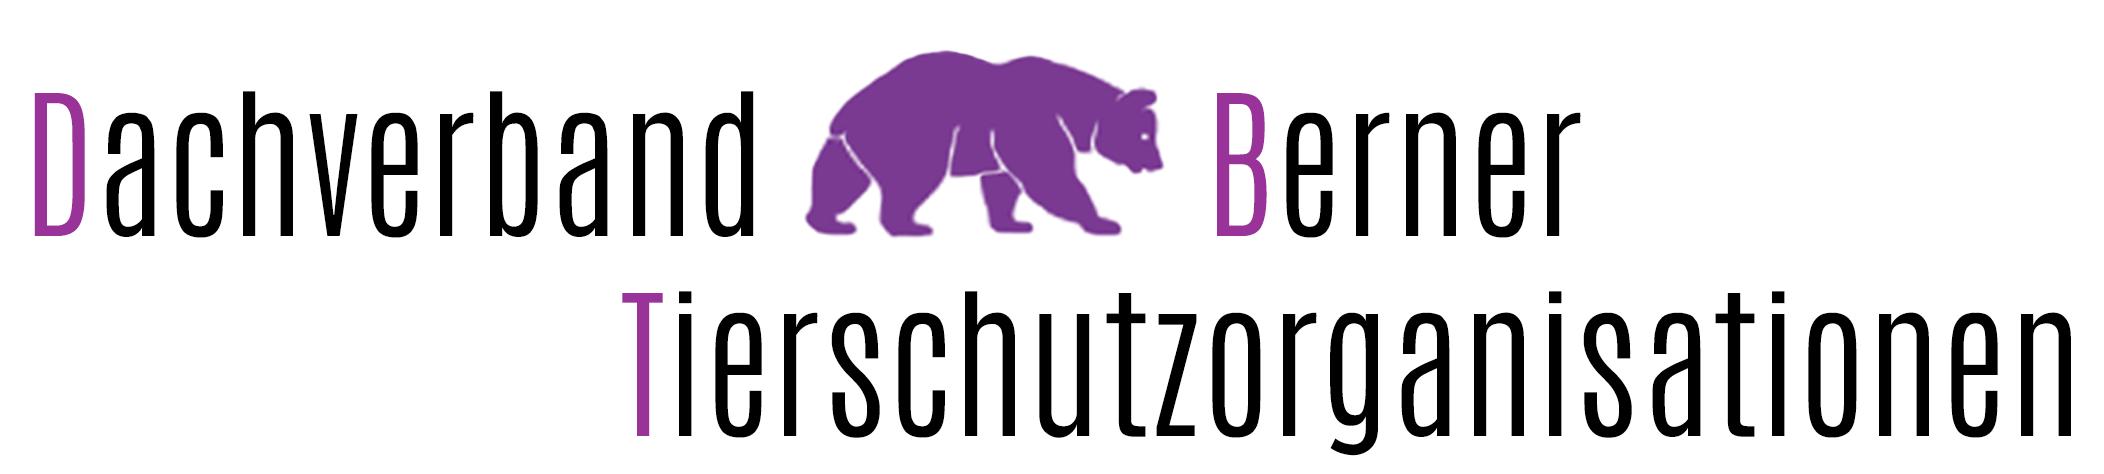 Dachverband Berner Tierschutzorganisationen